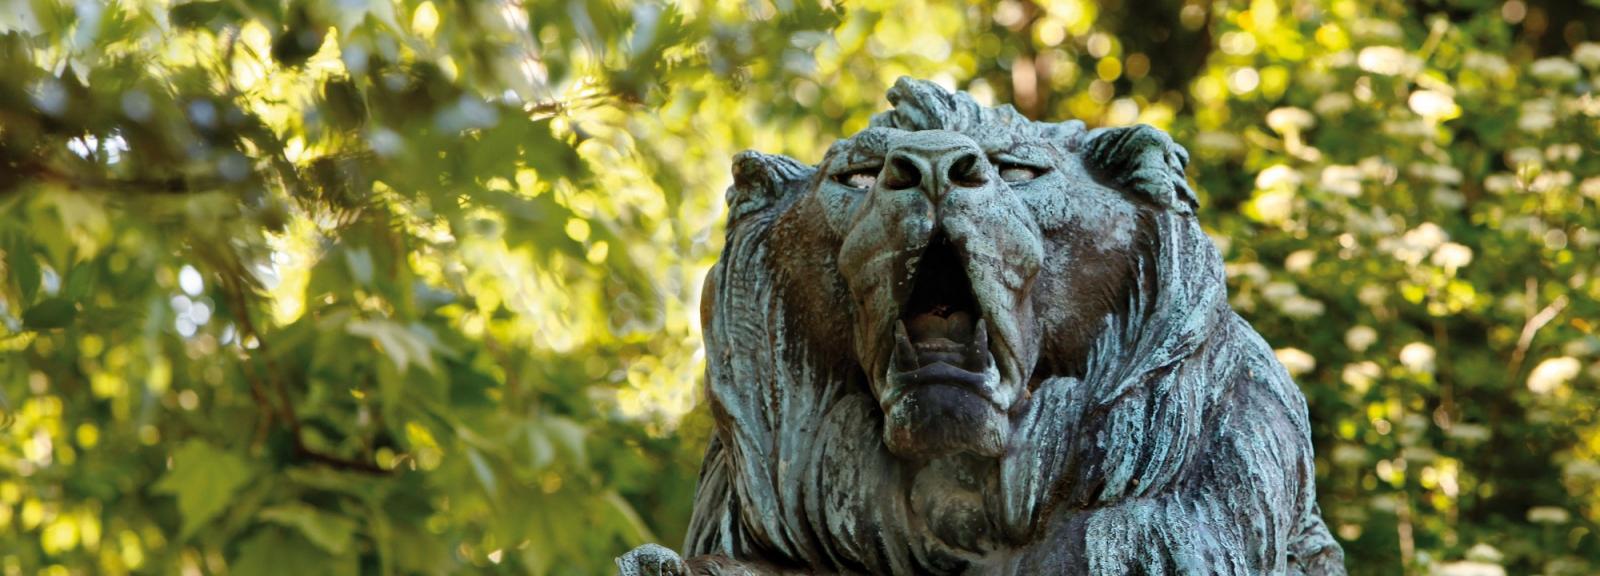 Statue d'un lion et d'un chien. © MNHN - Manuel Cohen